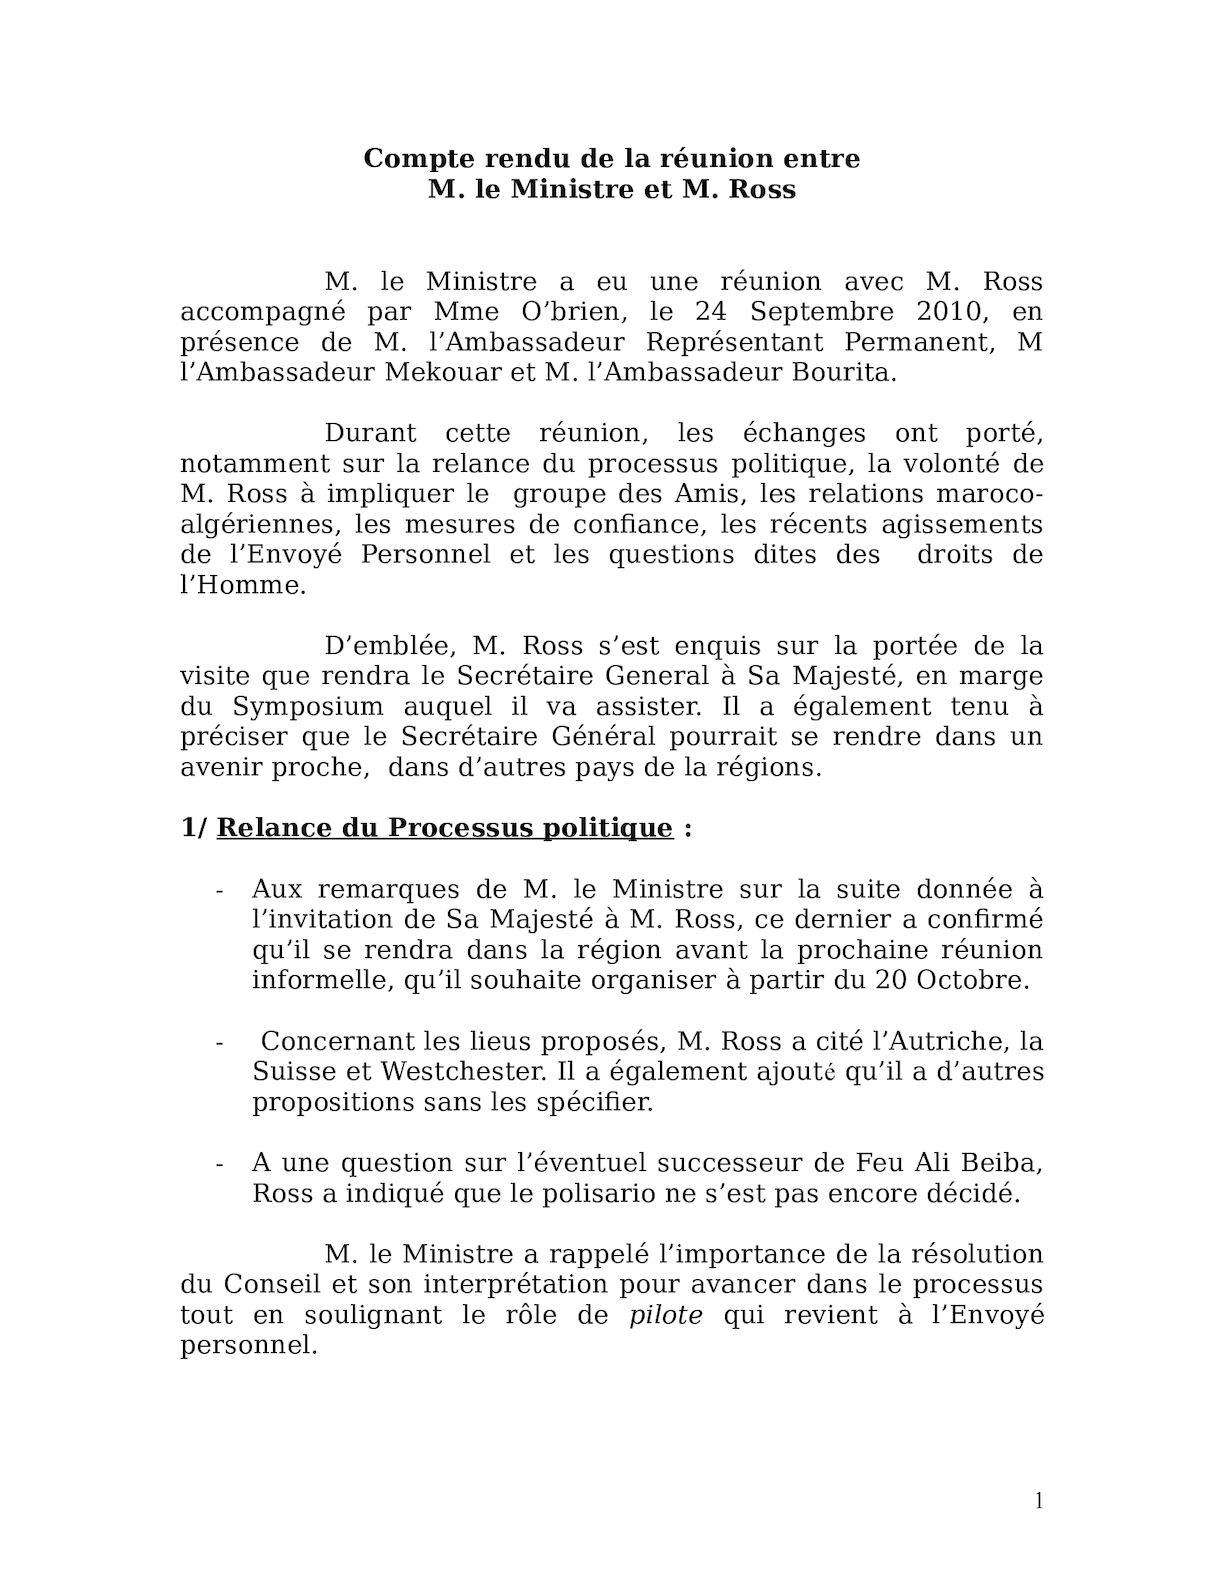 Compte Rendu De La Réunion Entre